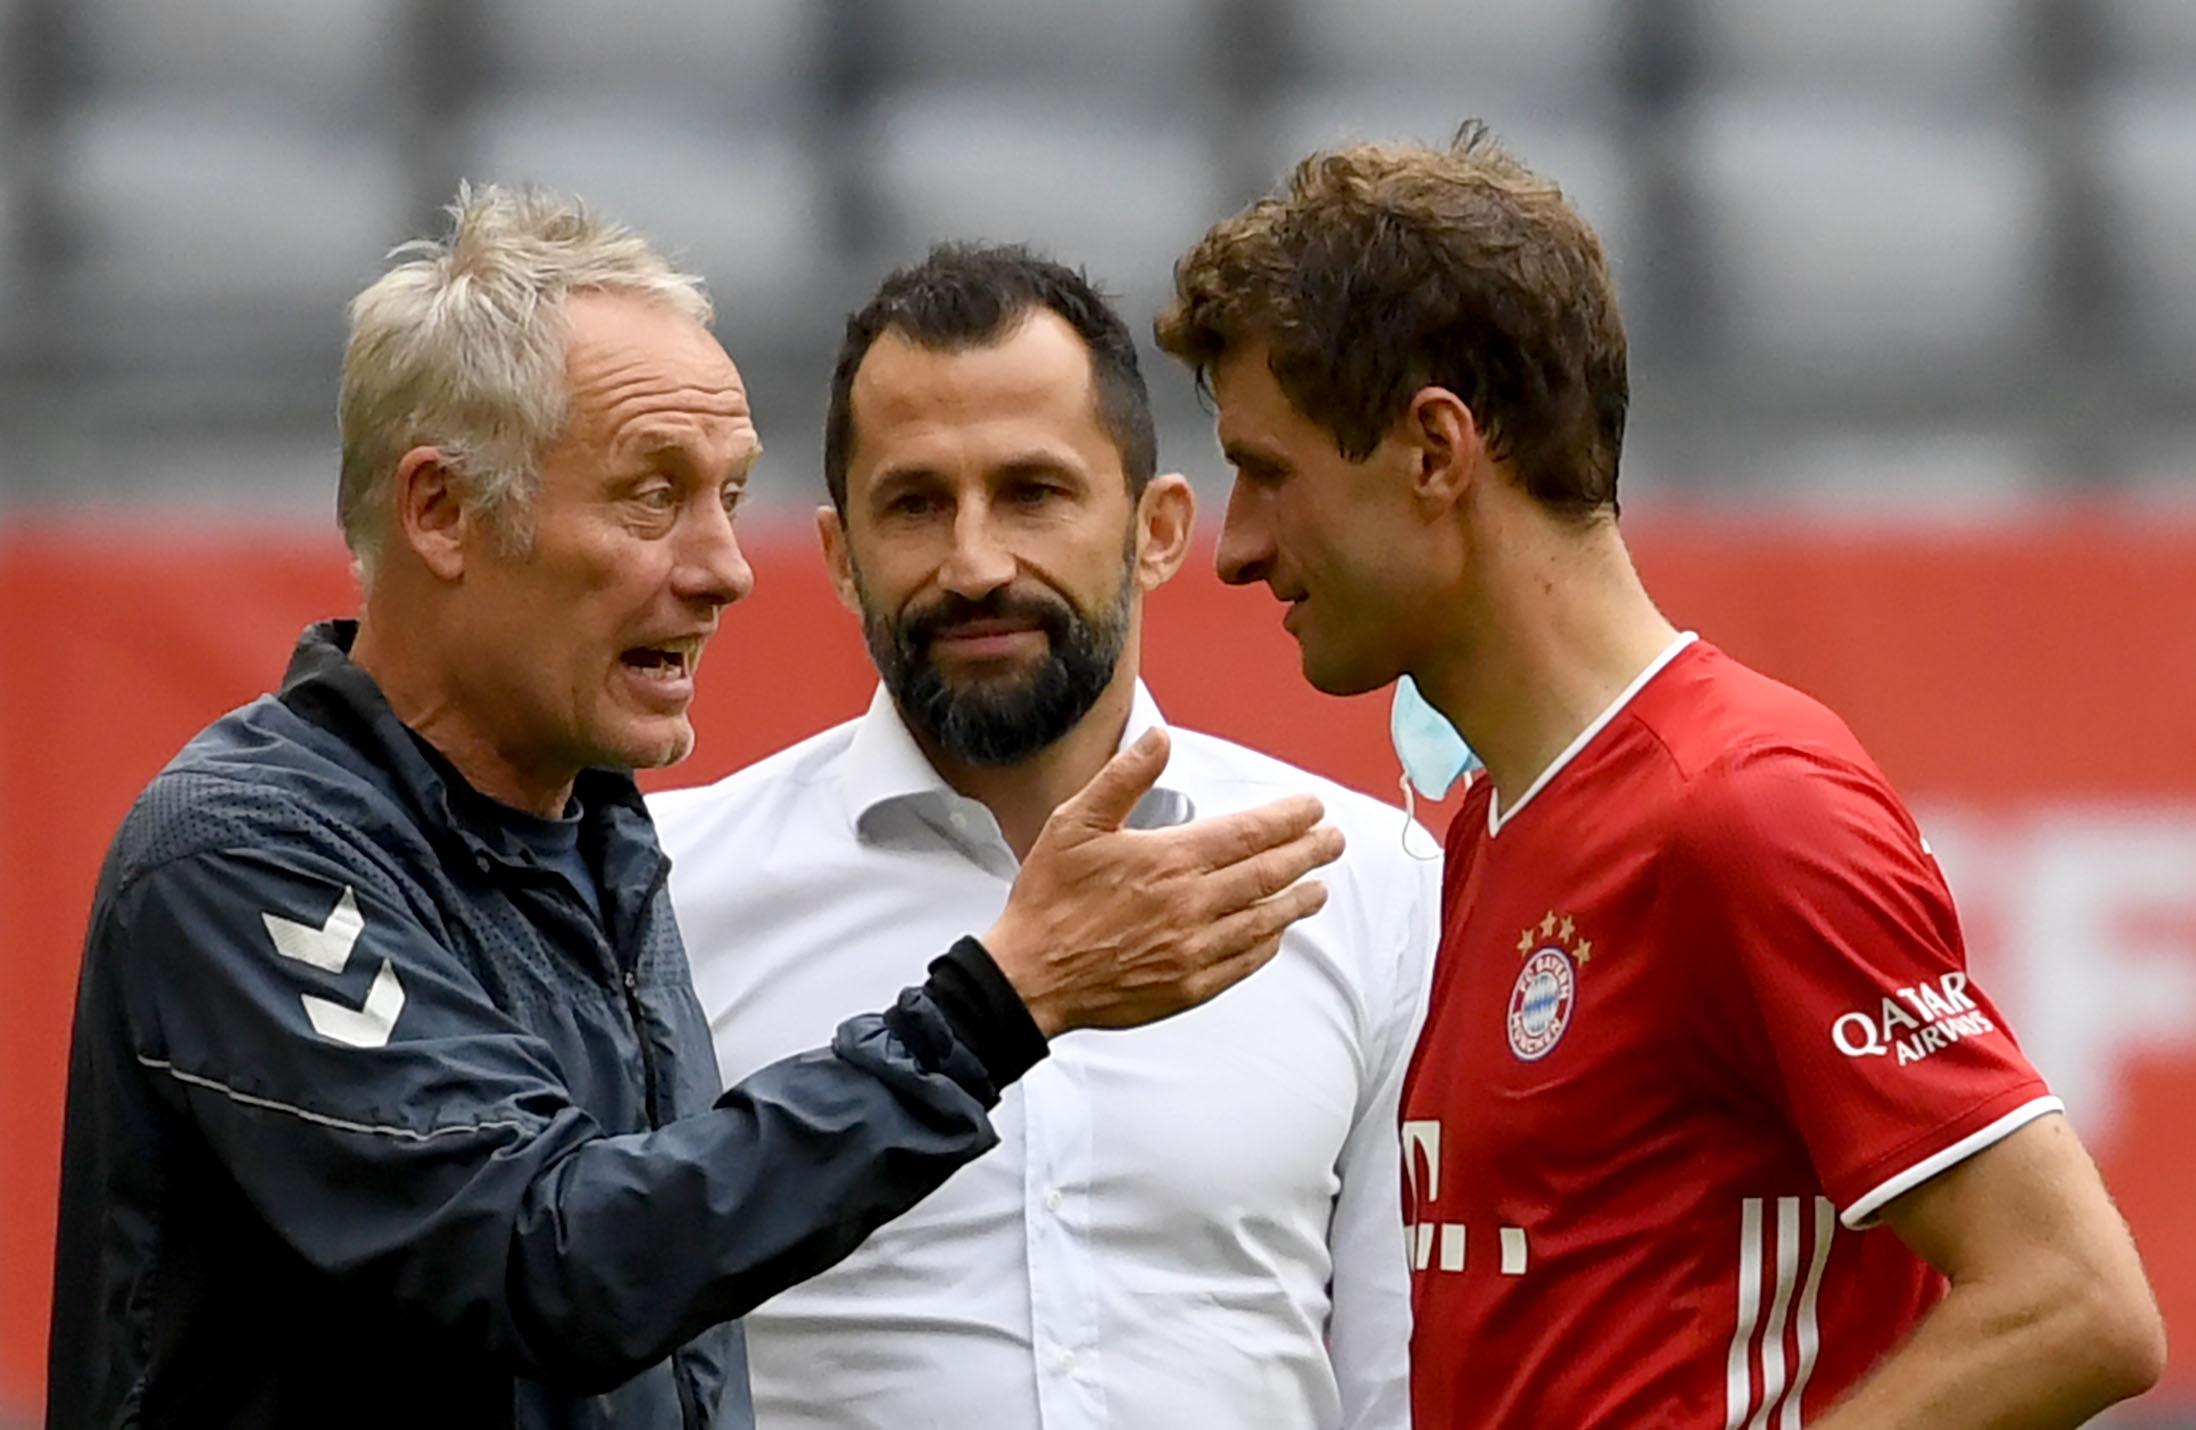 Fachgespräch: Christian Streich, Hasan Salihamidzic und Thomas Müller (v.li.).